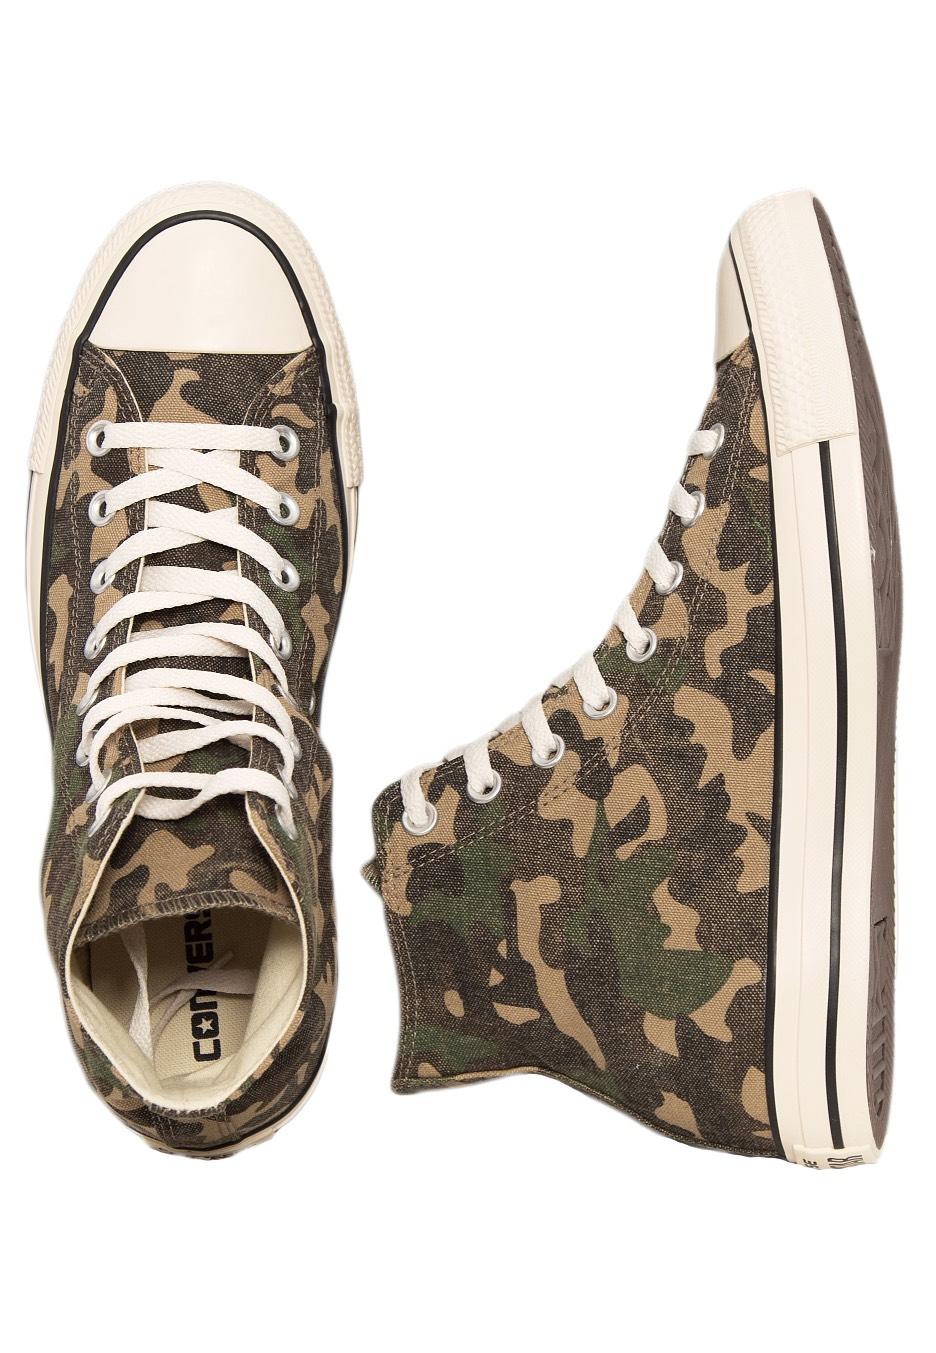 1e7794a76bec Converse - Chuck Taylor All Star Hi Fatigue Green Natural Green - Shoes -  Impericon.com US